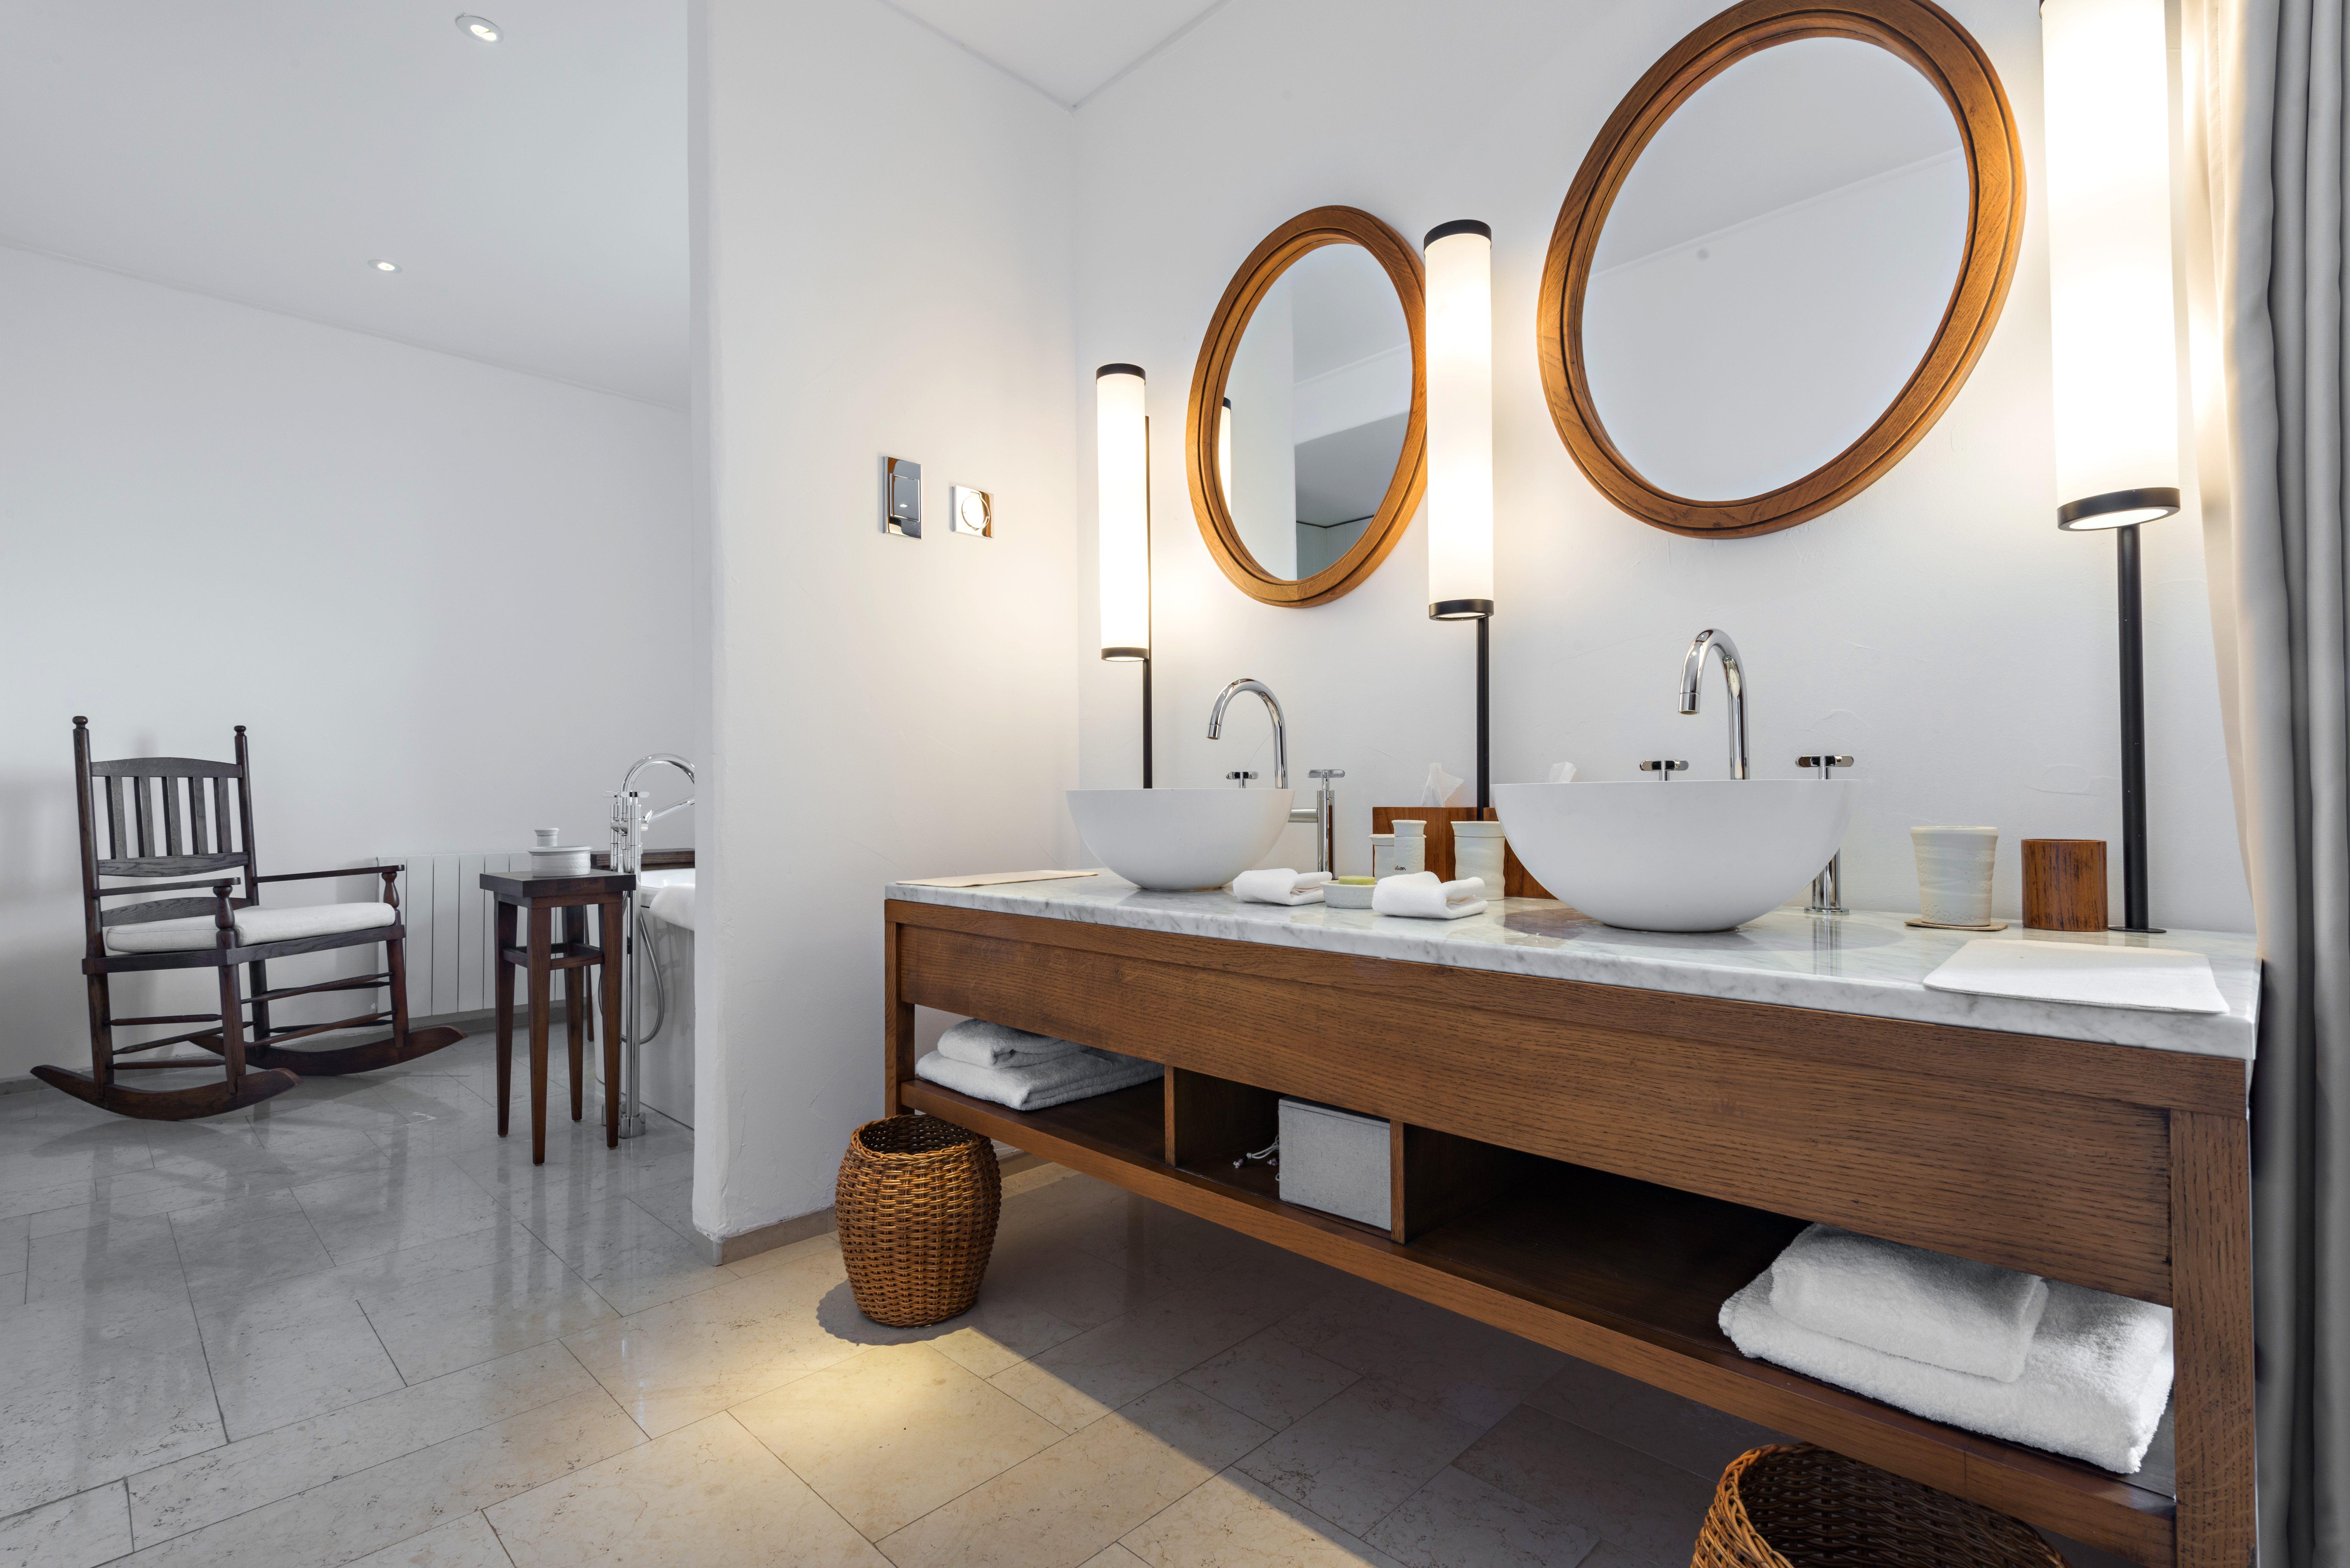 taciv.com | mauvaise odeur lavabo salle de bain_20170927223255 ... - Mauvaise Odeur Lavabo Salle De Bain